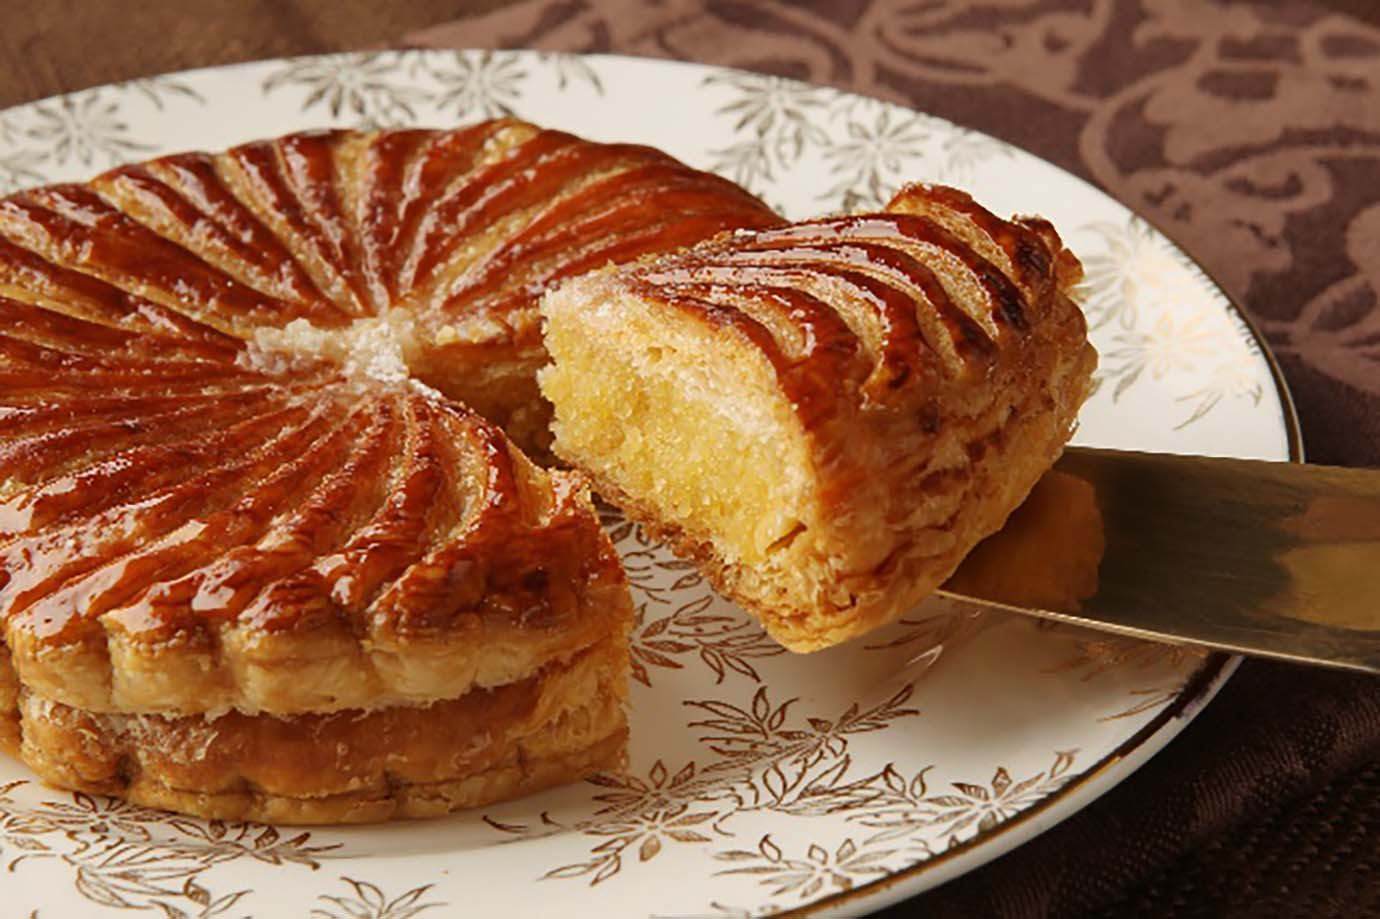 galette-des-rois-joel-robuchon